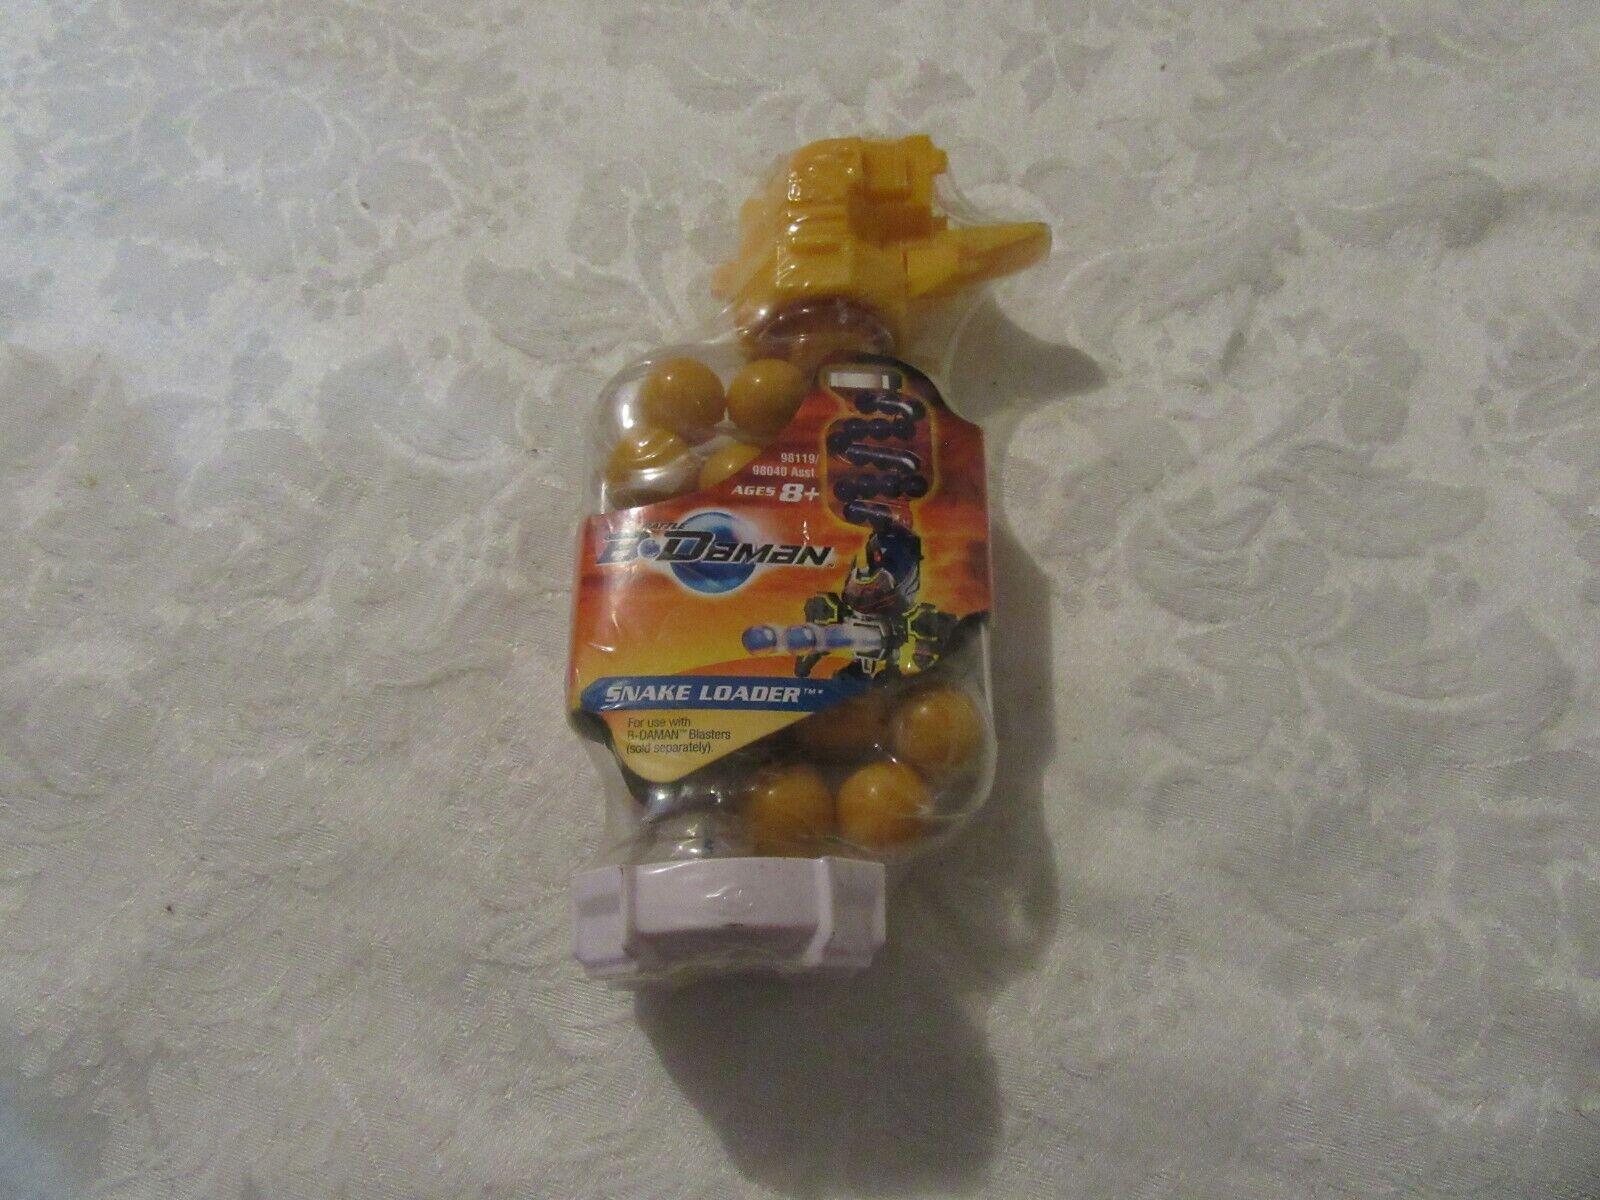 Hasbro 2005 Batalla B-daman Serpiente Cochegador Amarillo